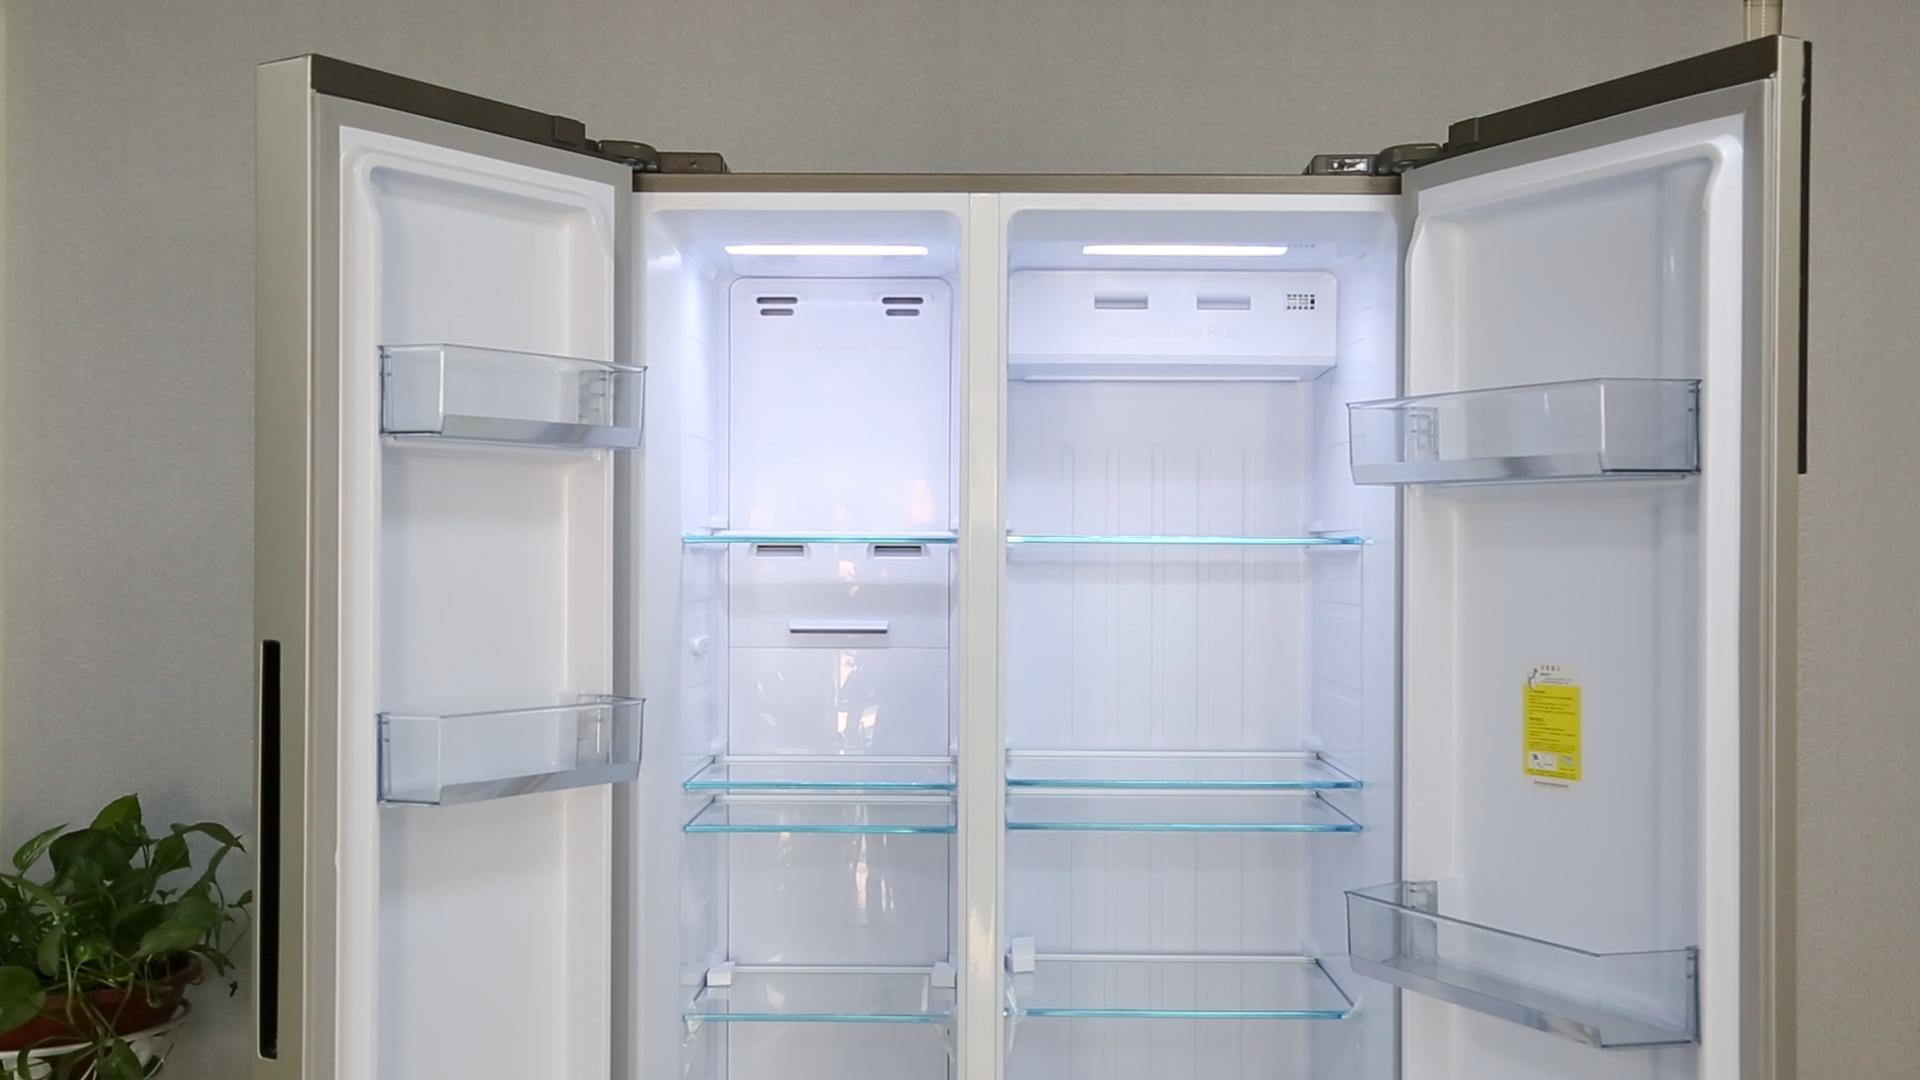 苏宁极物小biu冰箱开箱:大容量超能装 价格更震撼